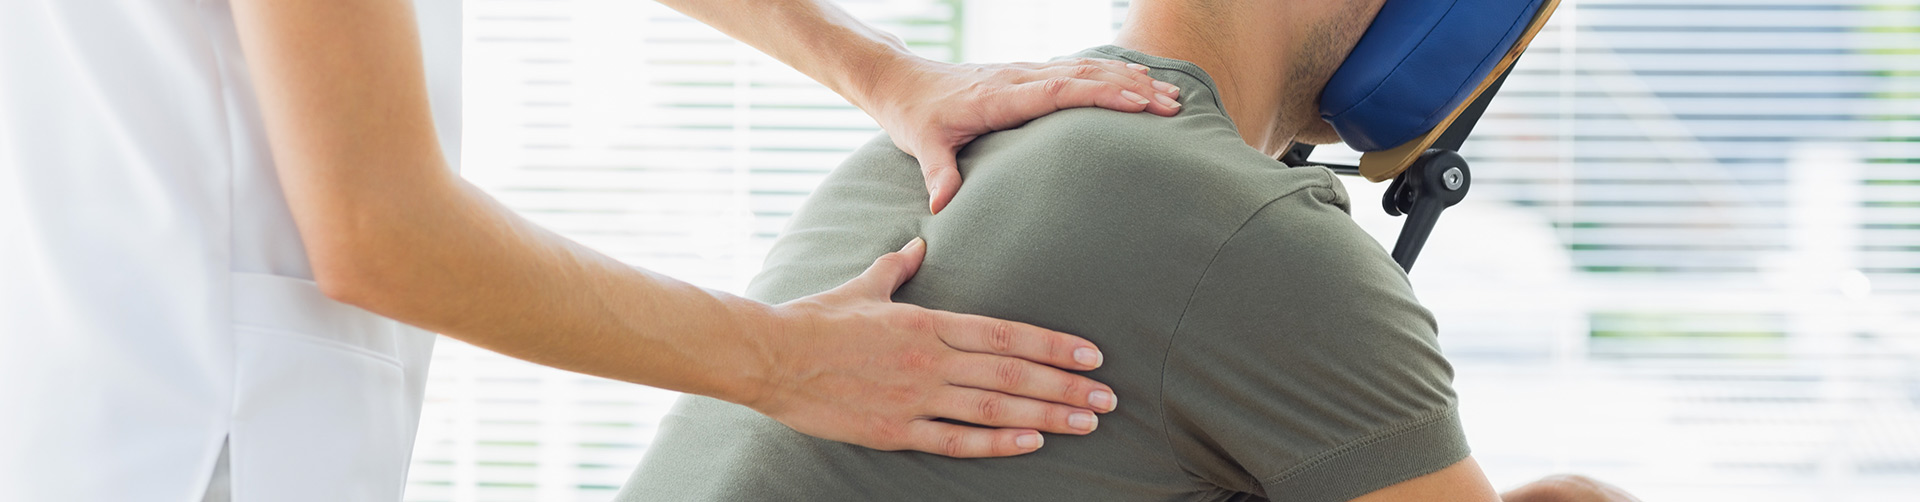 Massage homme detente massage assis spa paris